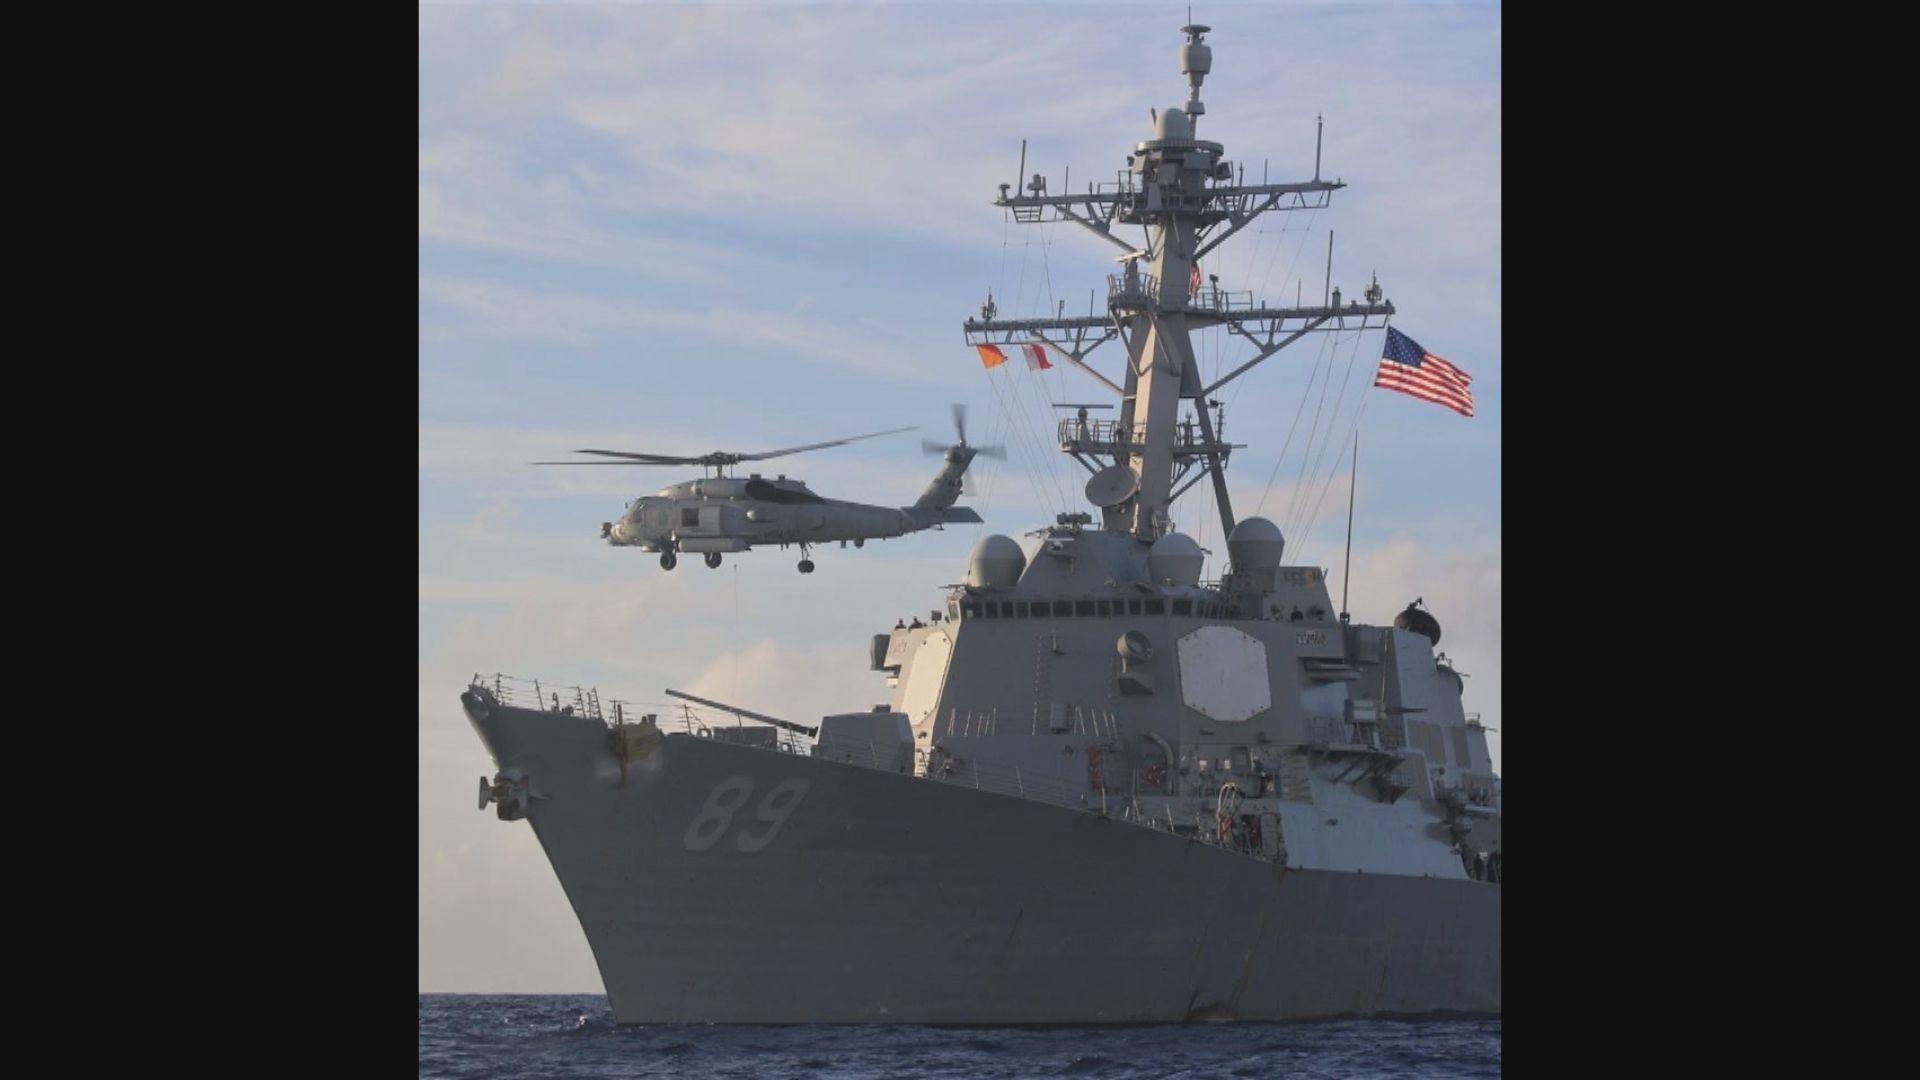 報道指美軍驅逐艦「馬斯廷號」通過台灣海峽